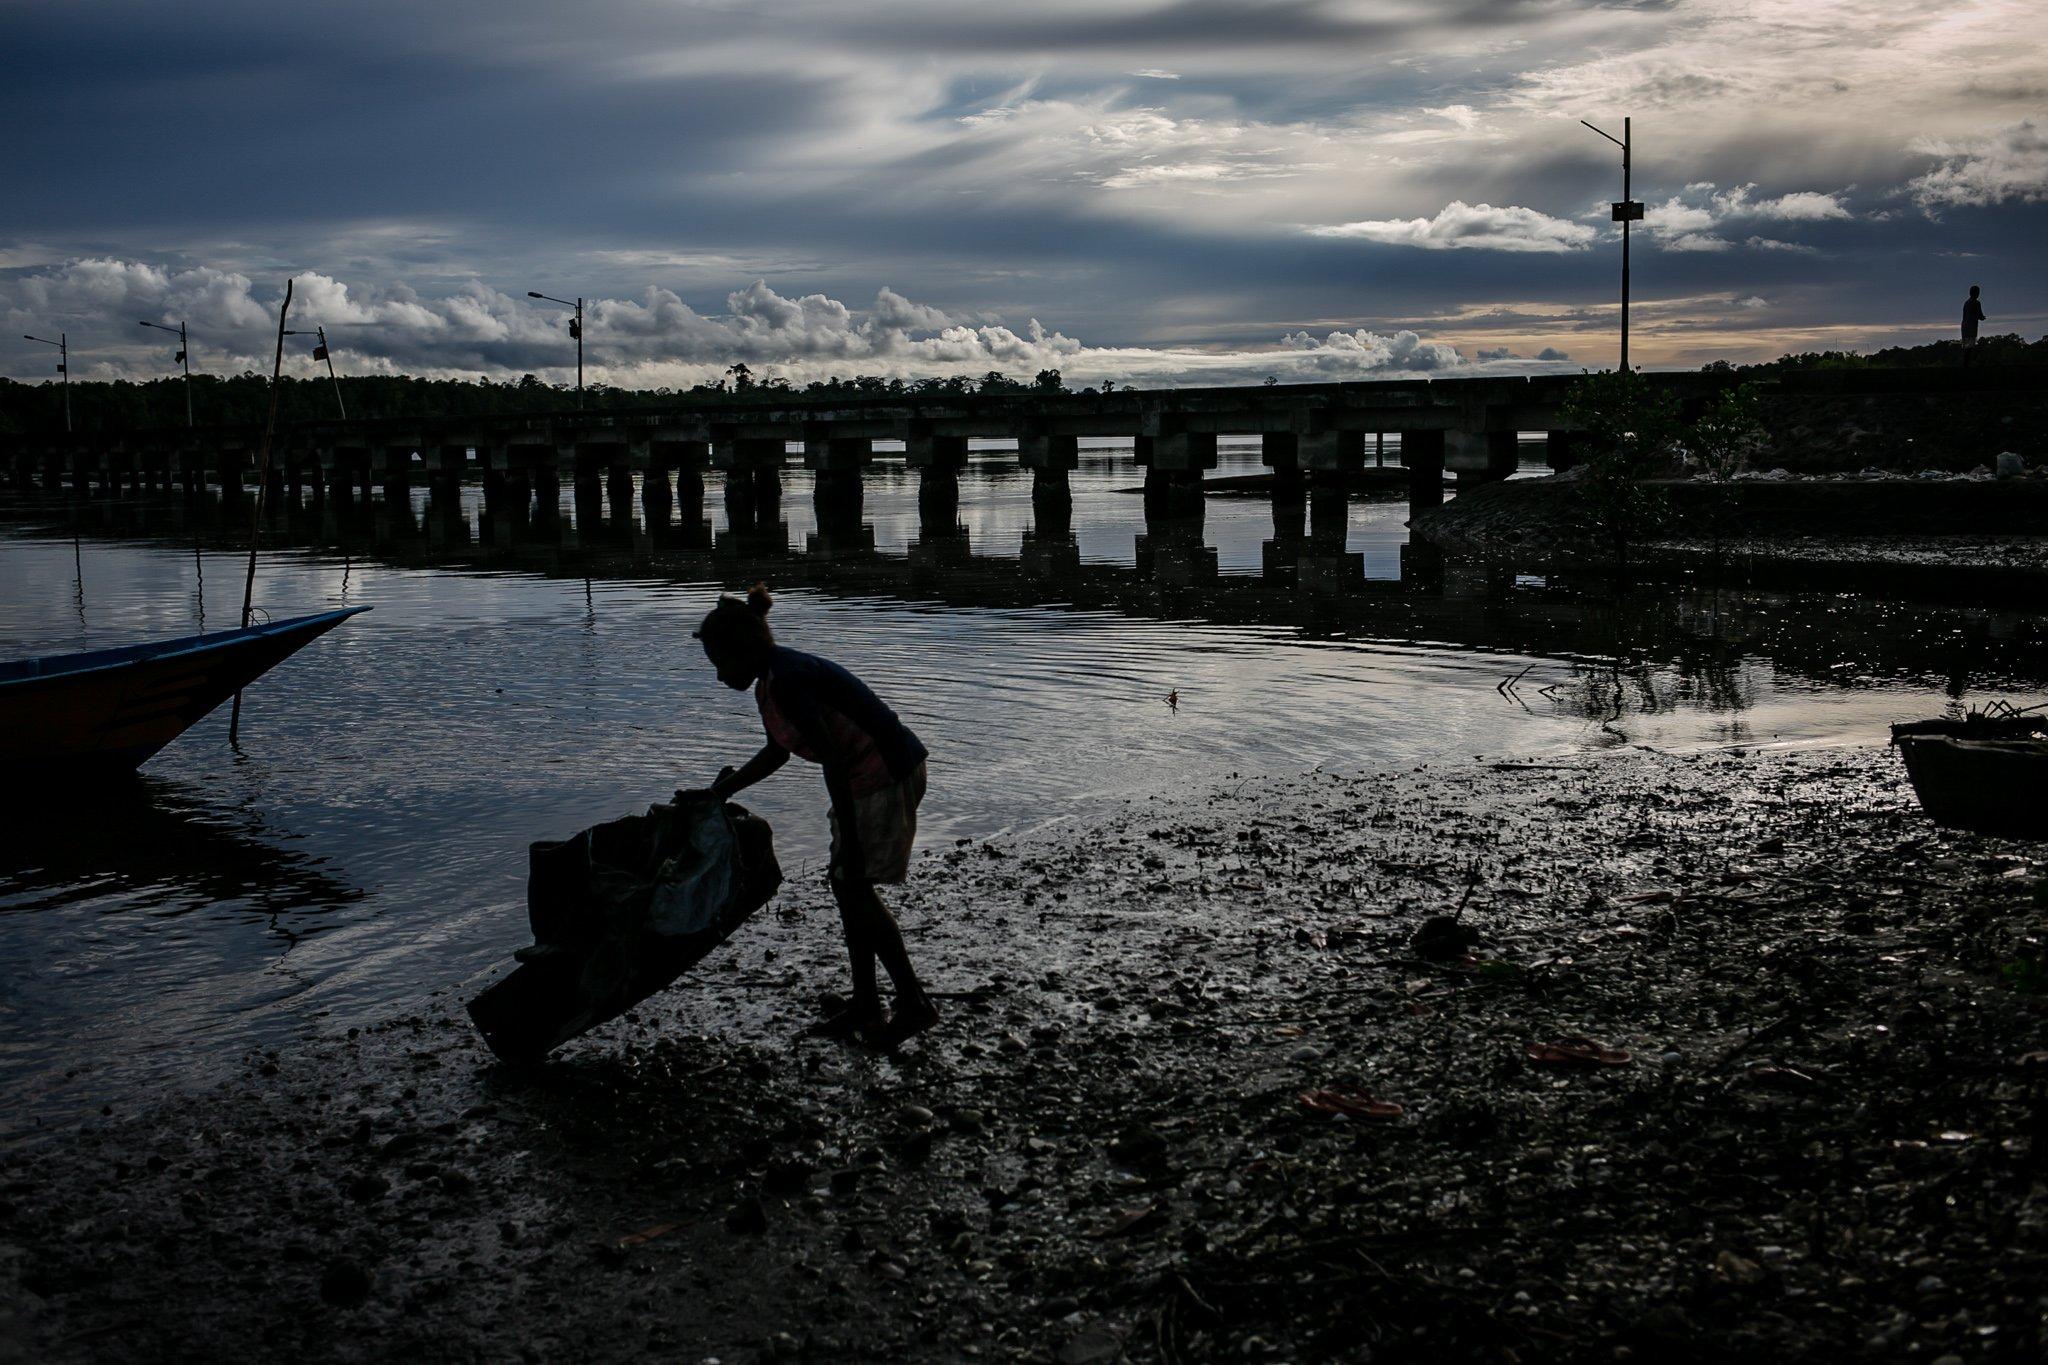 Seorang wanita menyiapkan peralatan memancing di Distrik Segun, Kabupaten Sorong, Papua Barat, Minggu, (19/9/2021). Mayoritas masyarakat di Kampung Adat ini merupakan masyarakat aseli Suku Moi, Sebanyak 42 KK dan 280 jiwa bermukim di wilayah distrik perairan ujung Kabupaten Sorong.